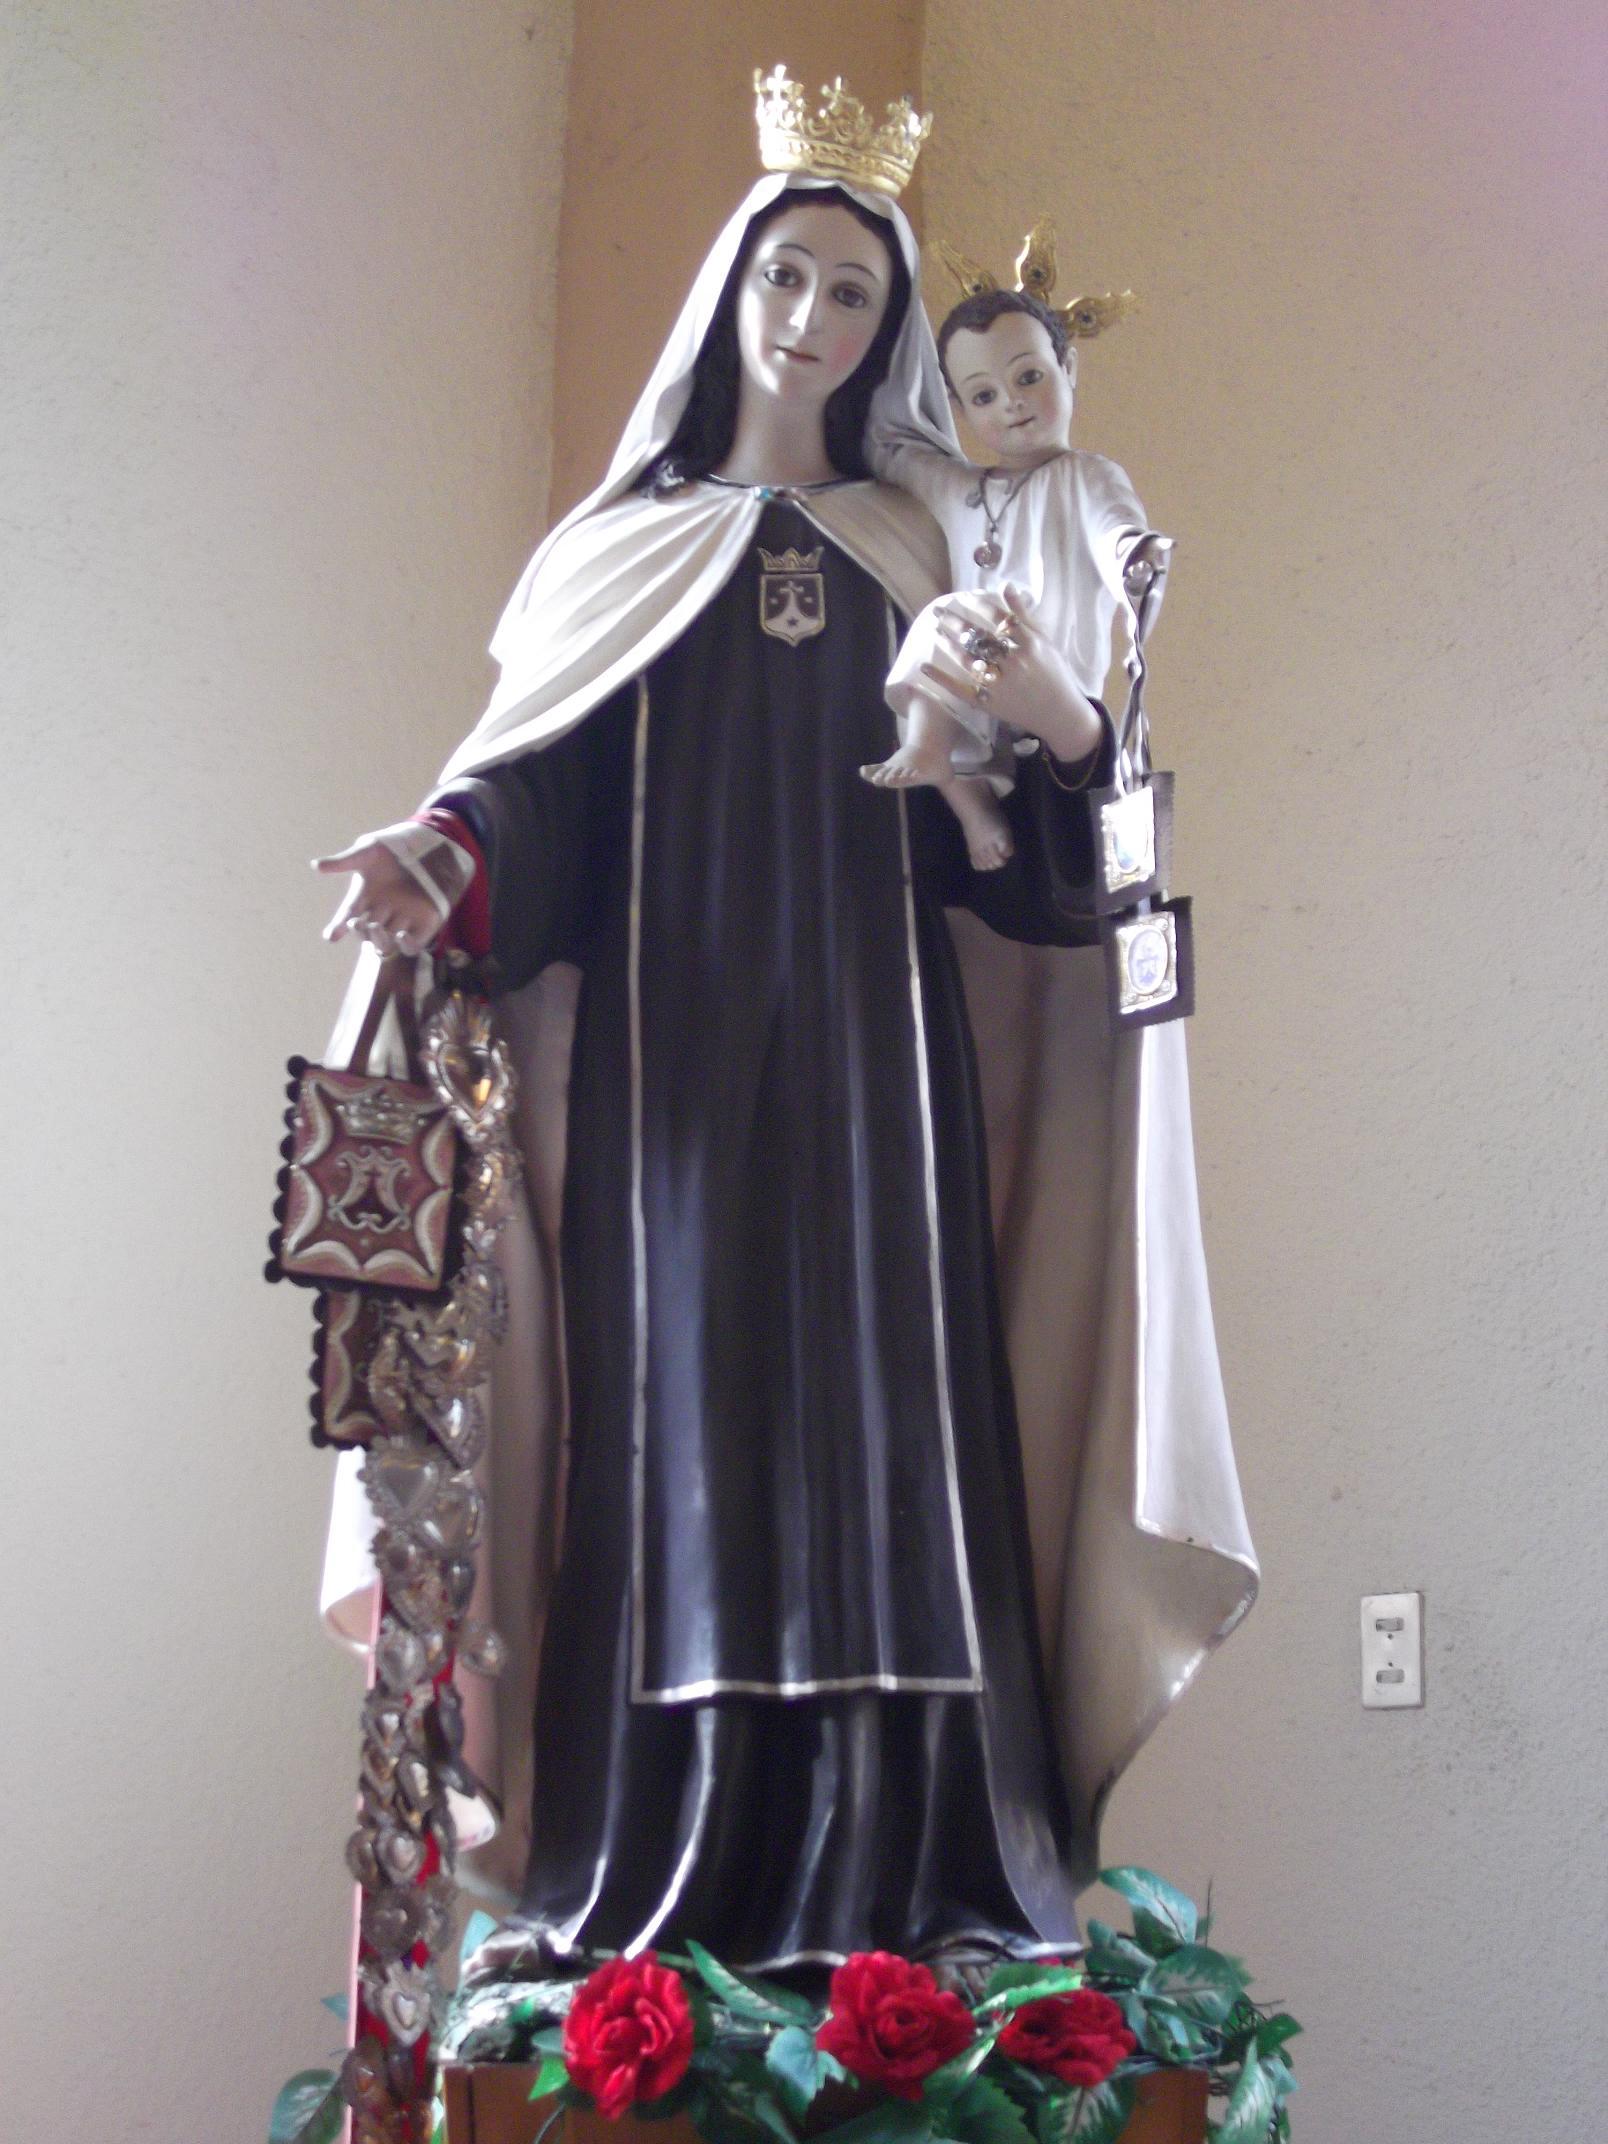 Nuestra Señora del Monte Carmelo krouillong comunion en la mano es sacrilegio